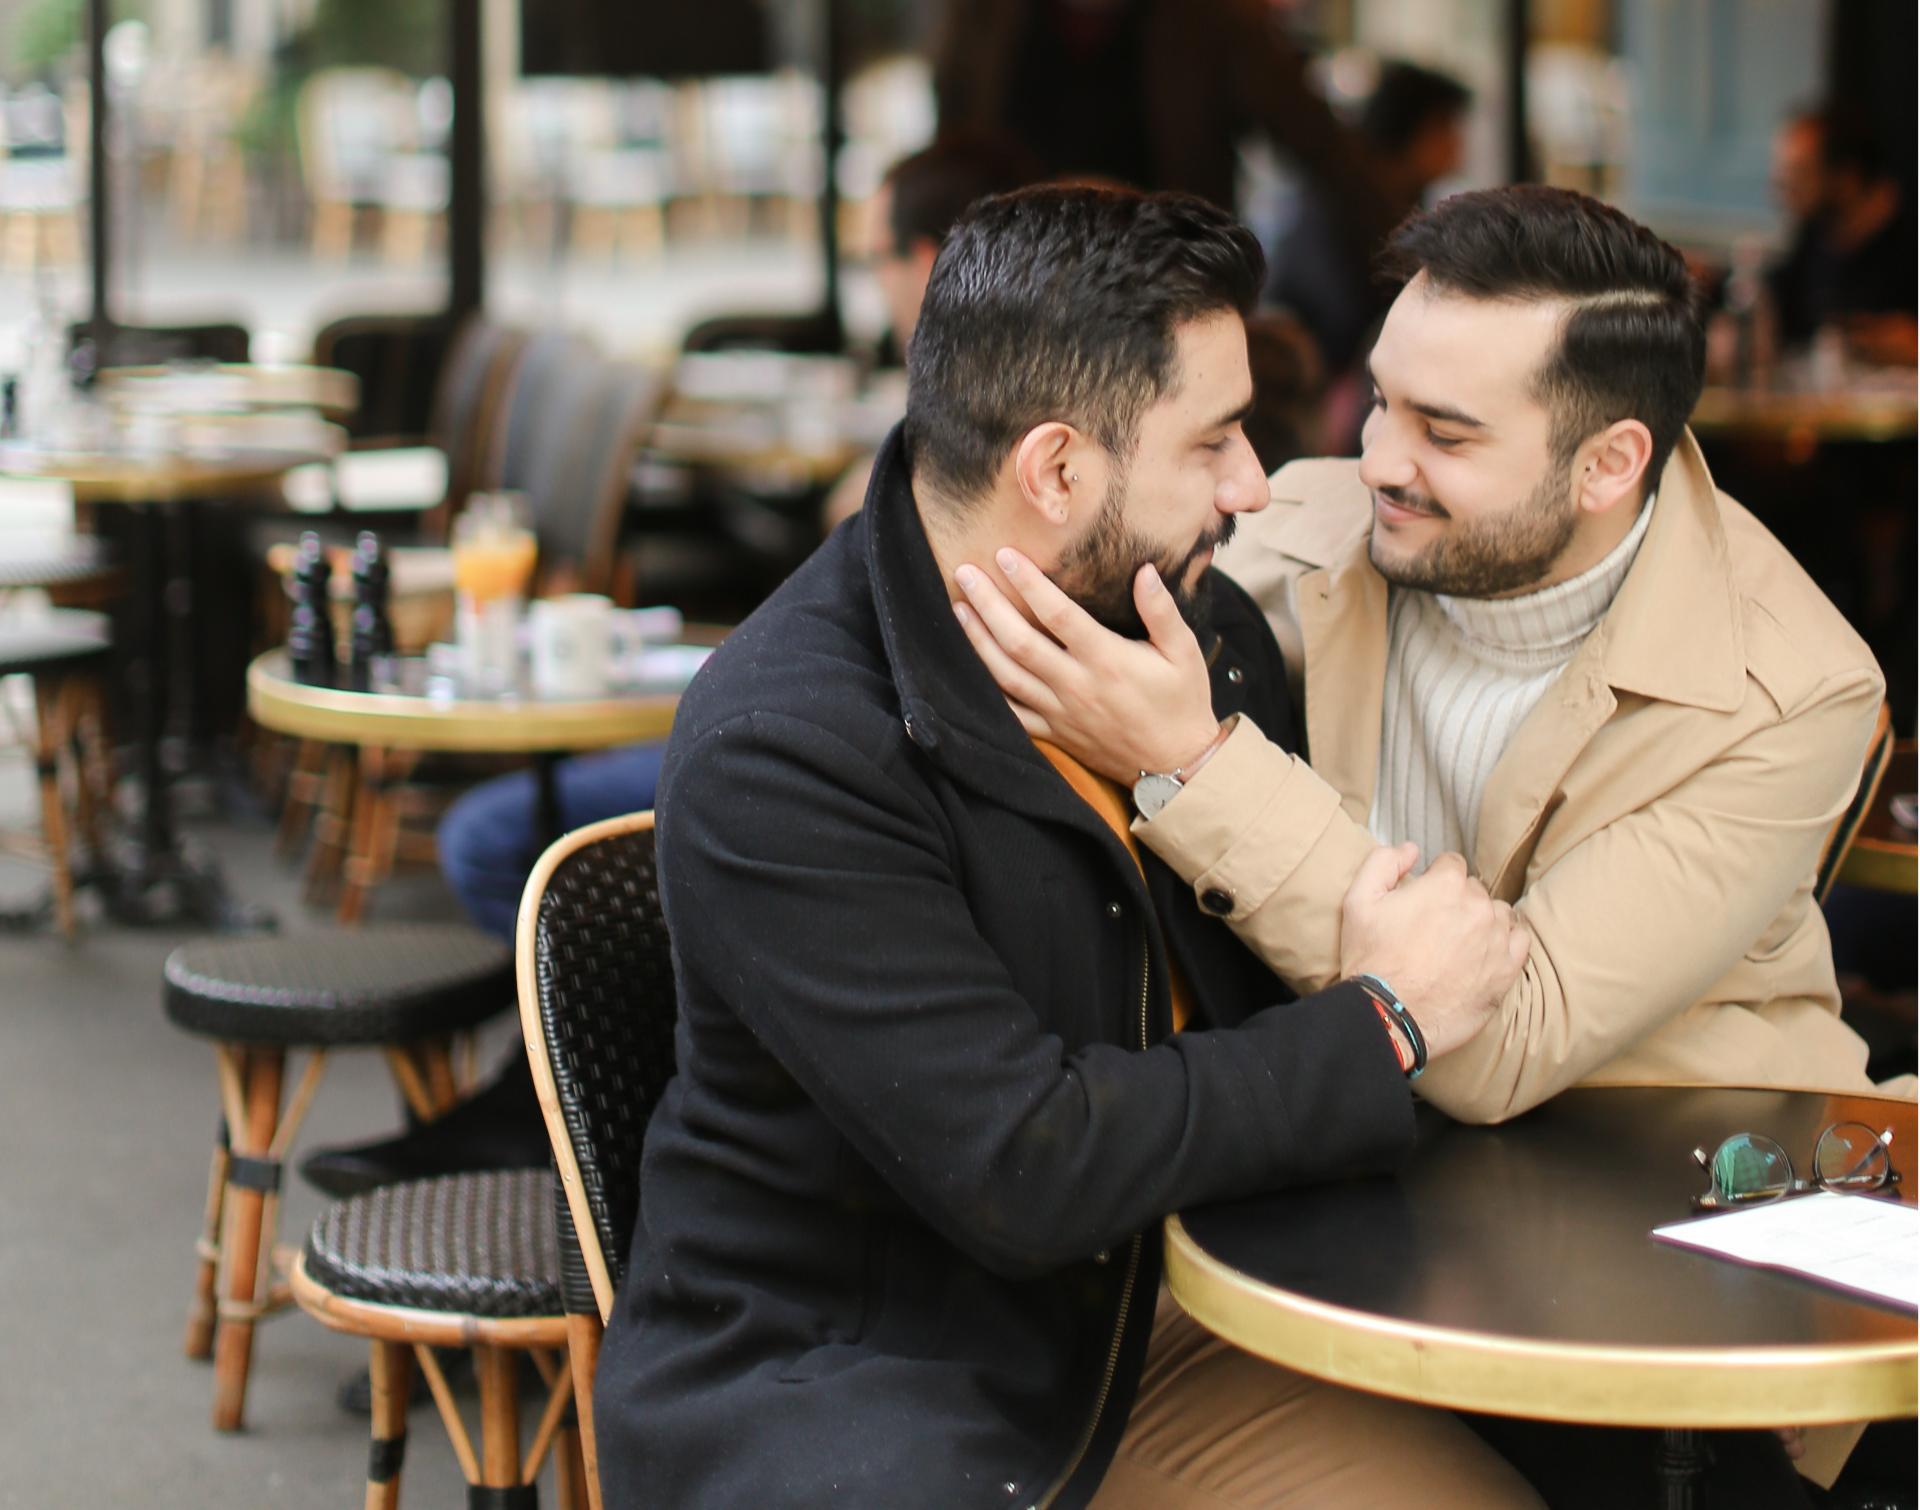 Les plus belles destinations gay friendly de l'été 2021 selon le Gay Voyageur